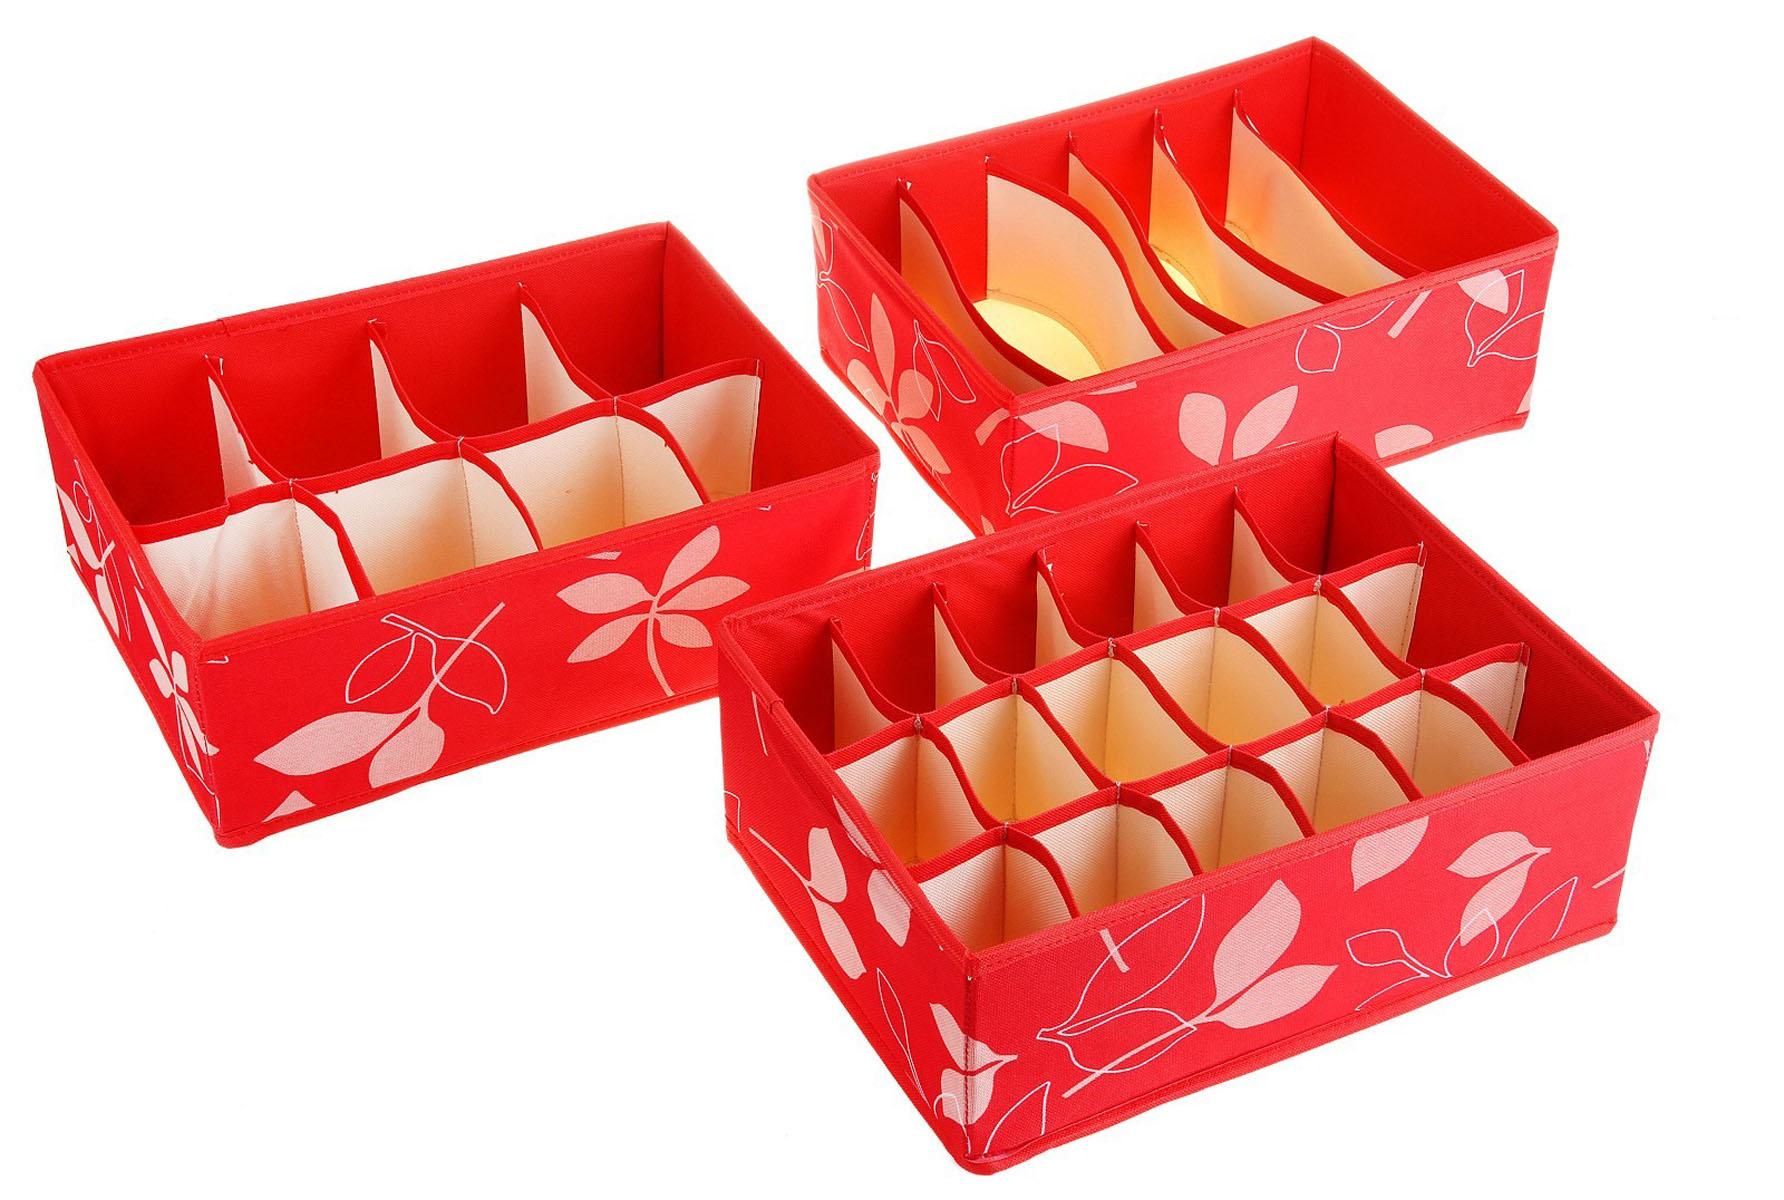 Кофр для мелких вещей Листочки, цвет: красный, 32 х 24 х 12 см, 3 шт760562